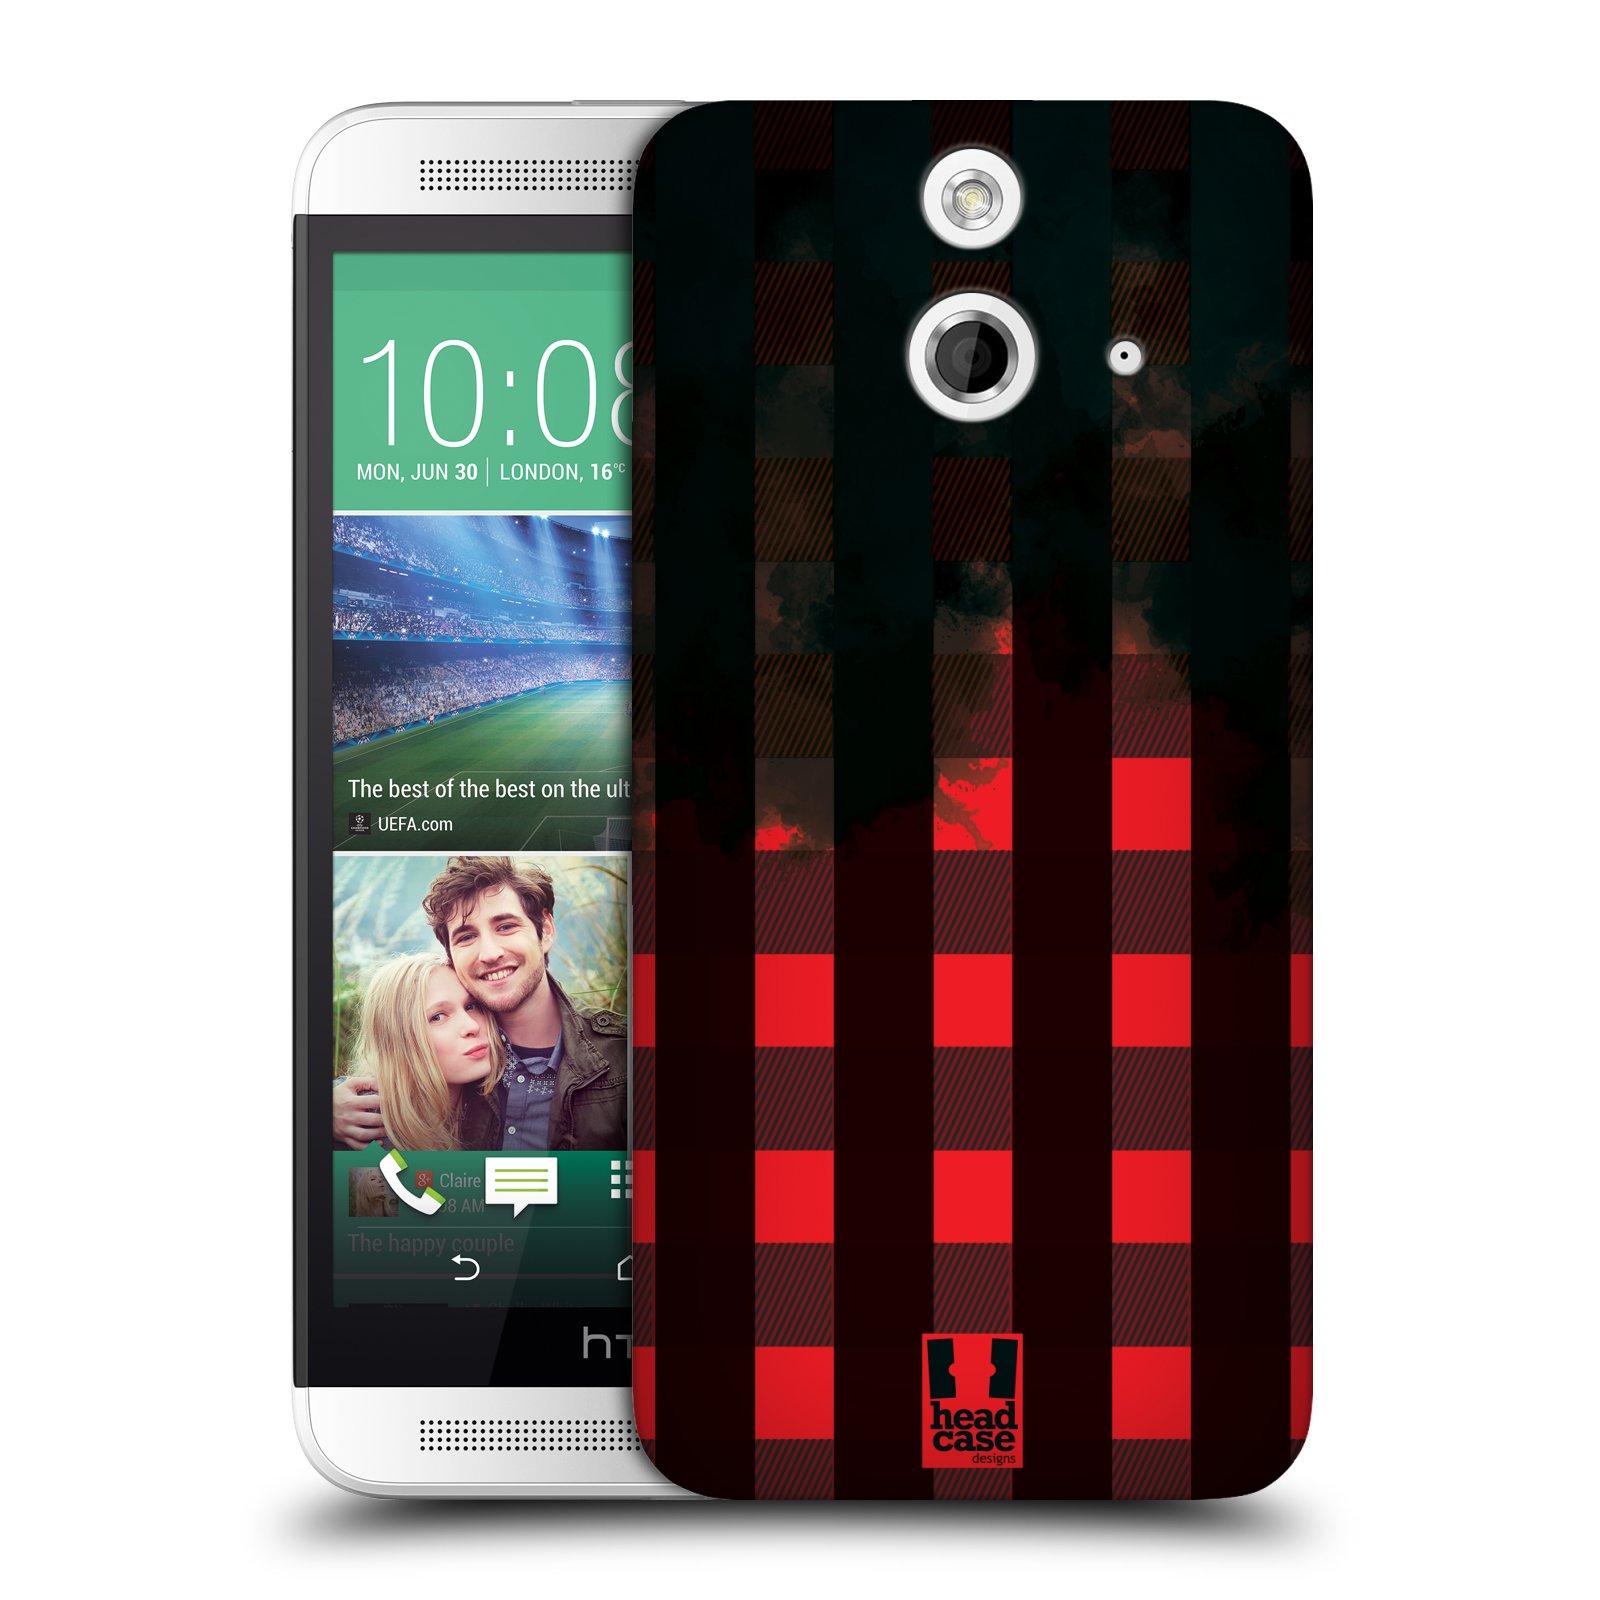 Plastové pouzdro na mobil HTC ONE E8 HEAD CASE FLANEL RED BLACK (Kryt či obal na mobilní telefon HTC ONE E8)